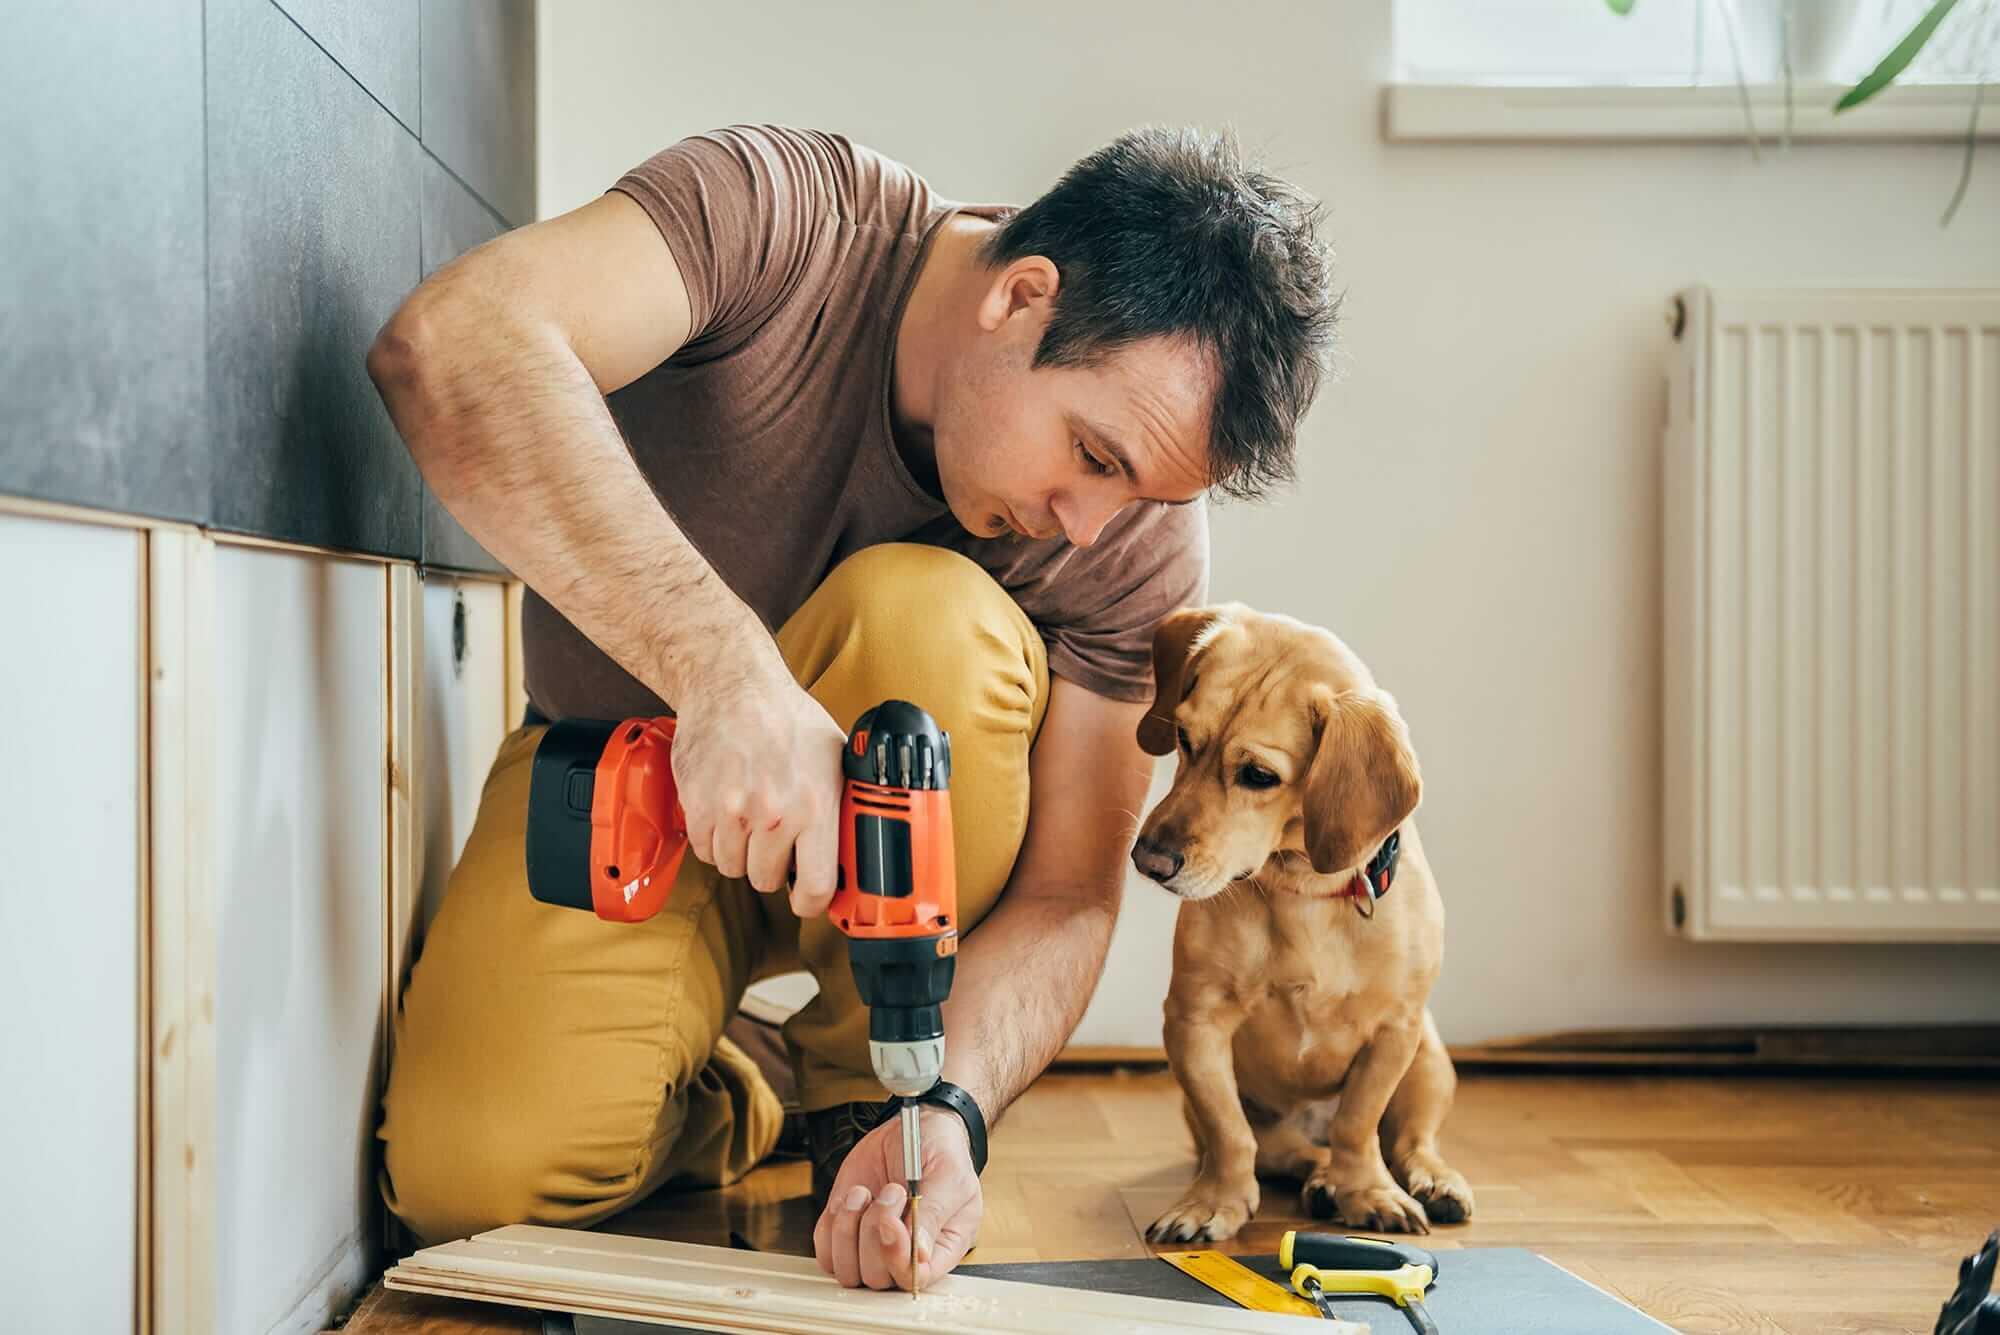 Mann mit Hund am bohren